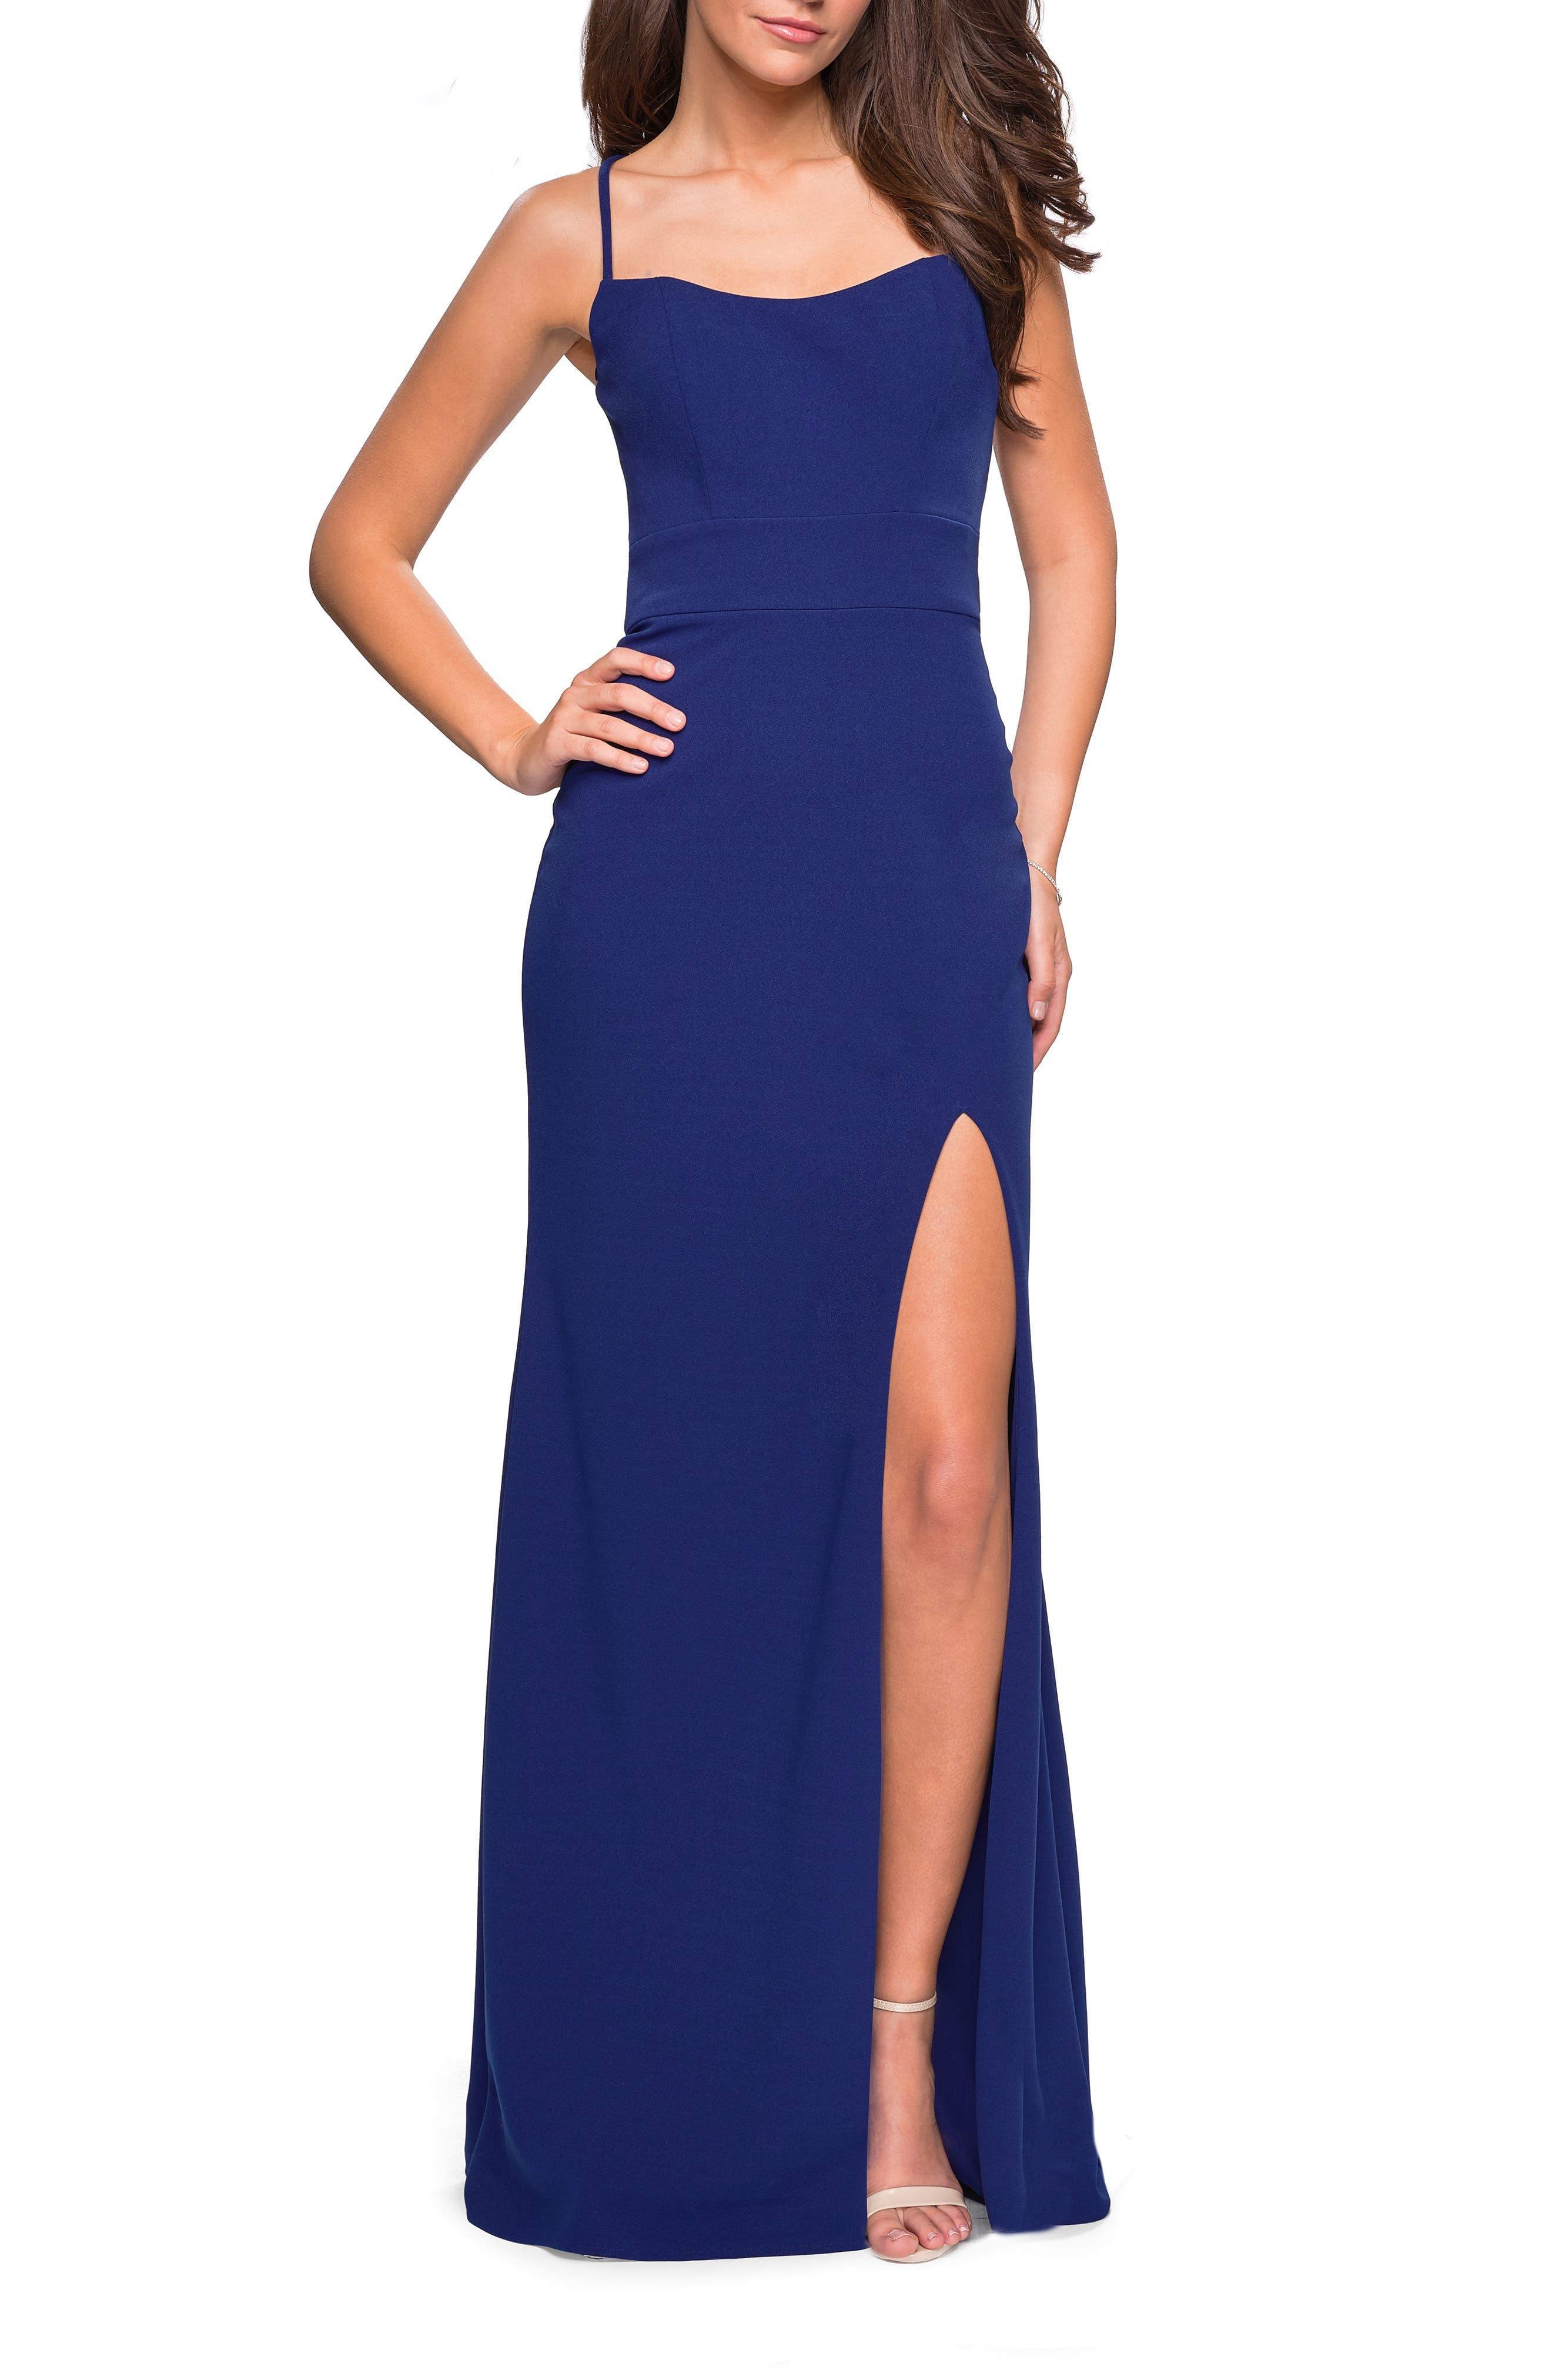 La Femme Sweetheart Neck Jersey Evening Dress, Blue